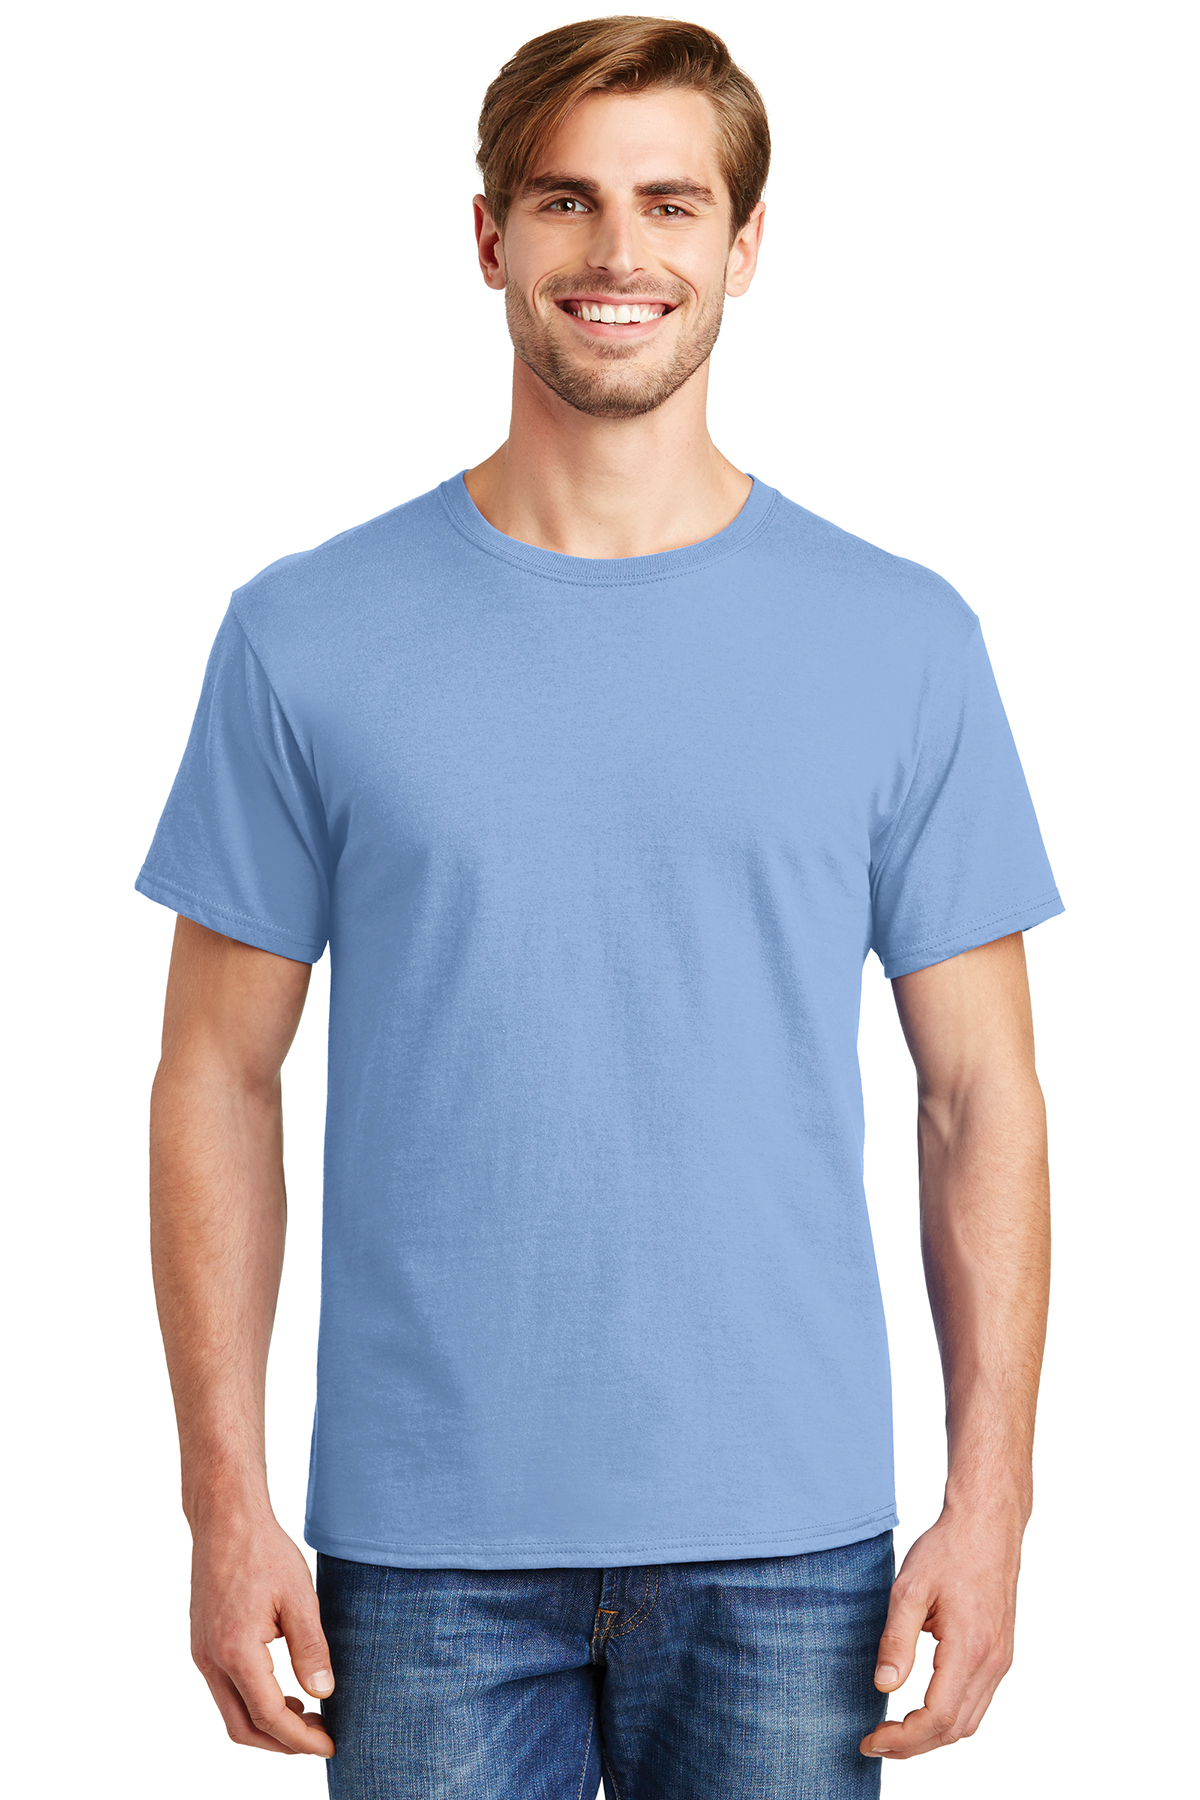 09919a8be91e Hanes® - ComfortSoft® 100% Cotton T-Shirt